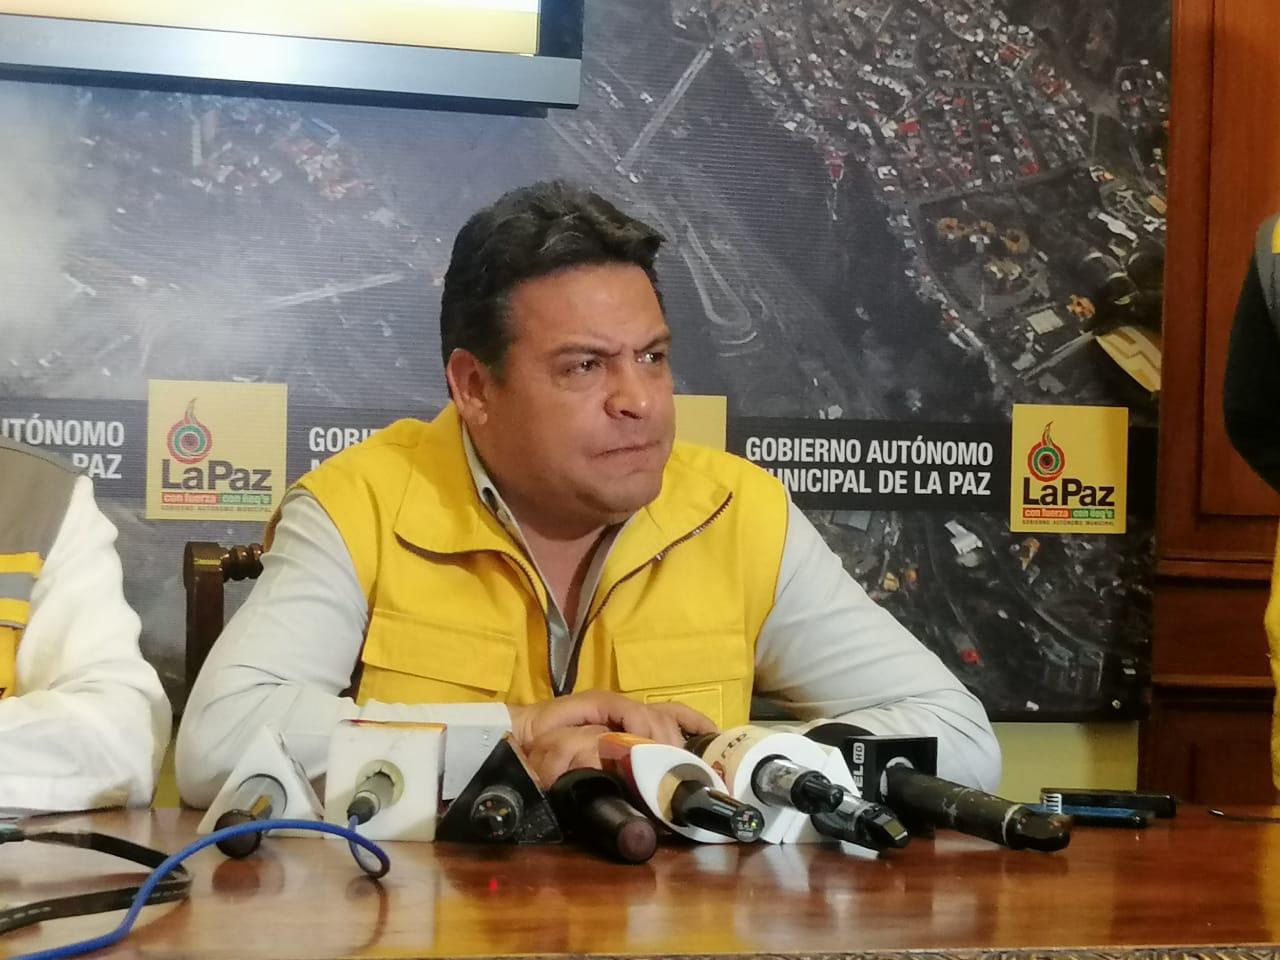 Alcaldía se reunirá con los chóferes de transporte público el próximo jueves